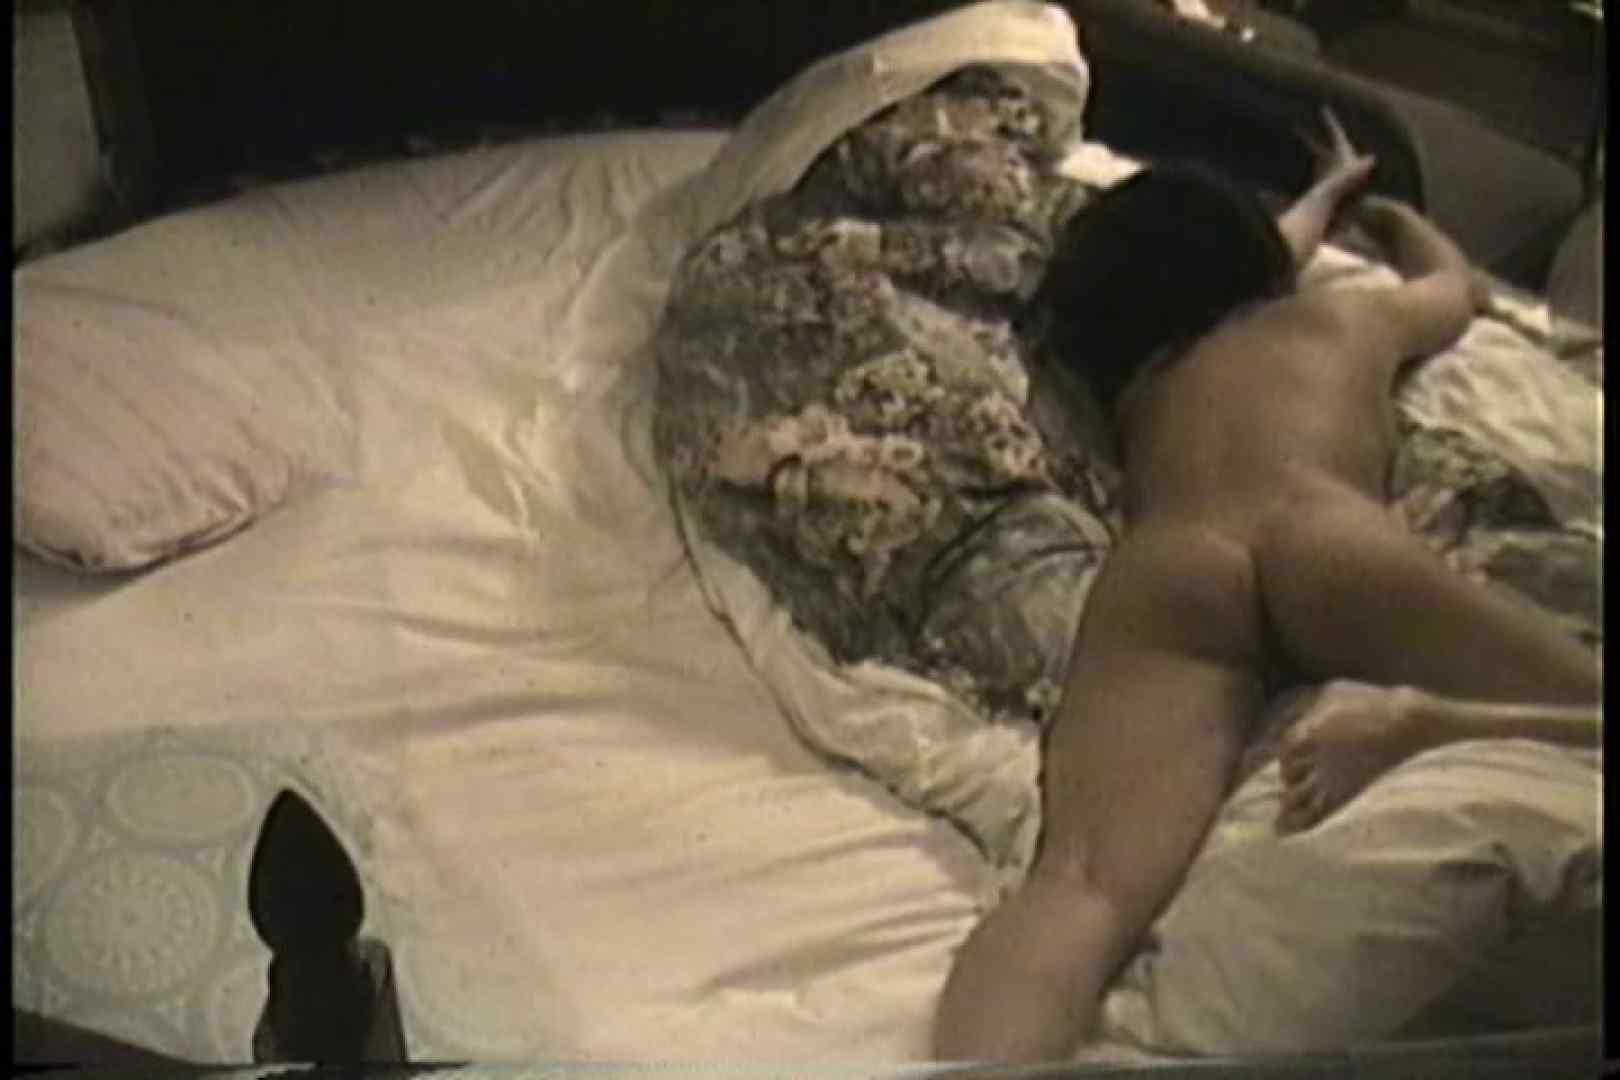 実録!ラブホテル~消し忘れ注意!昭和の色編~ vol.17 美女まとめ 性交動画流出 80PIX 79